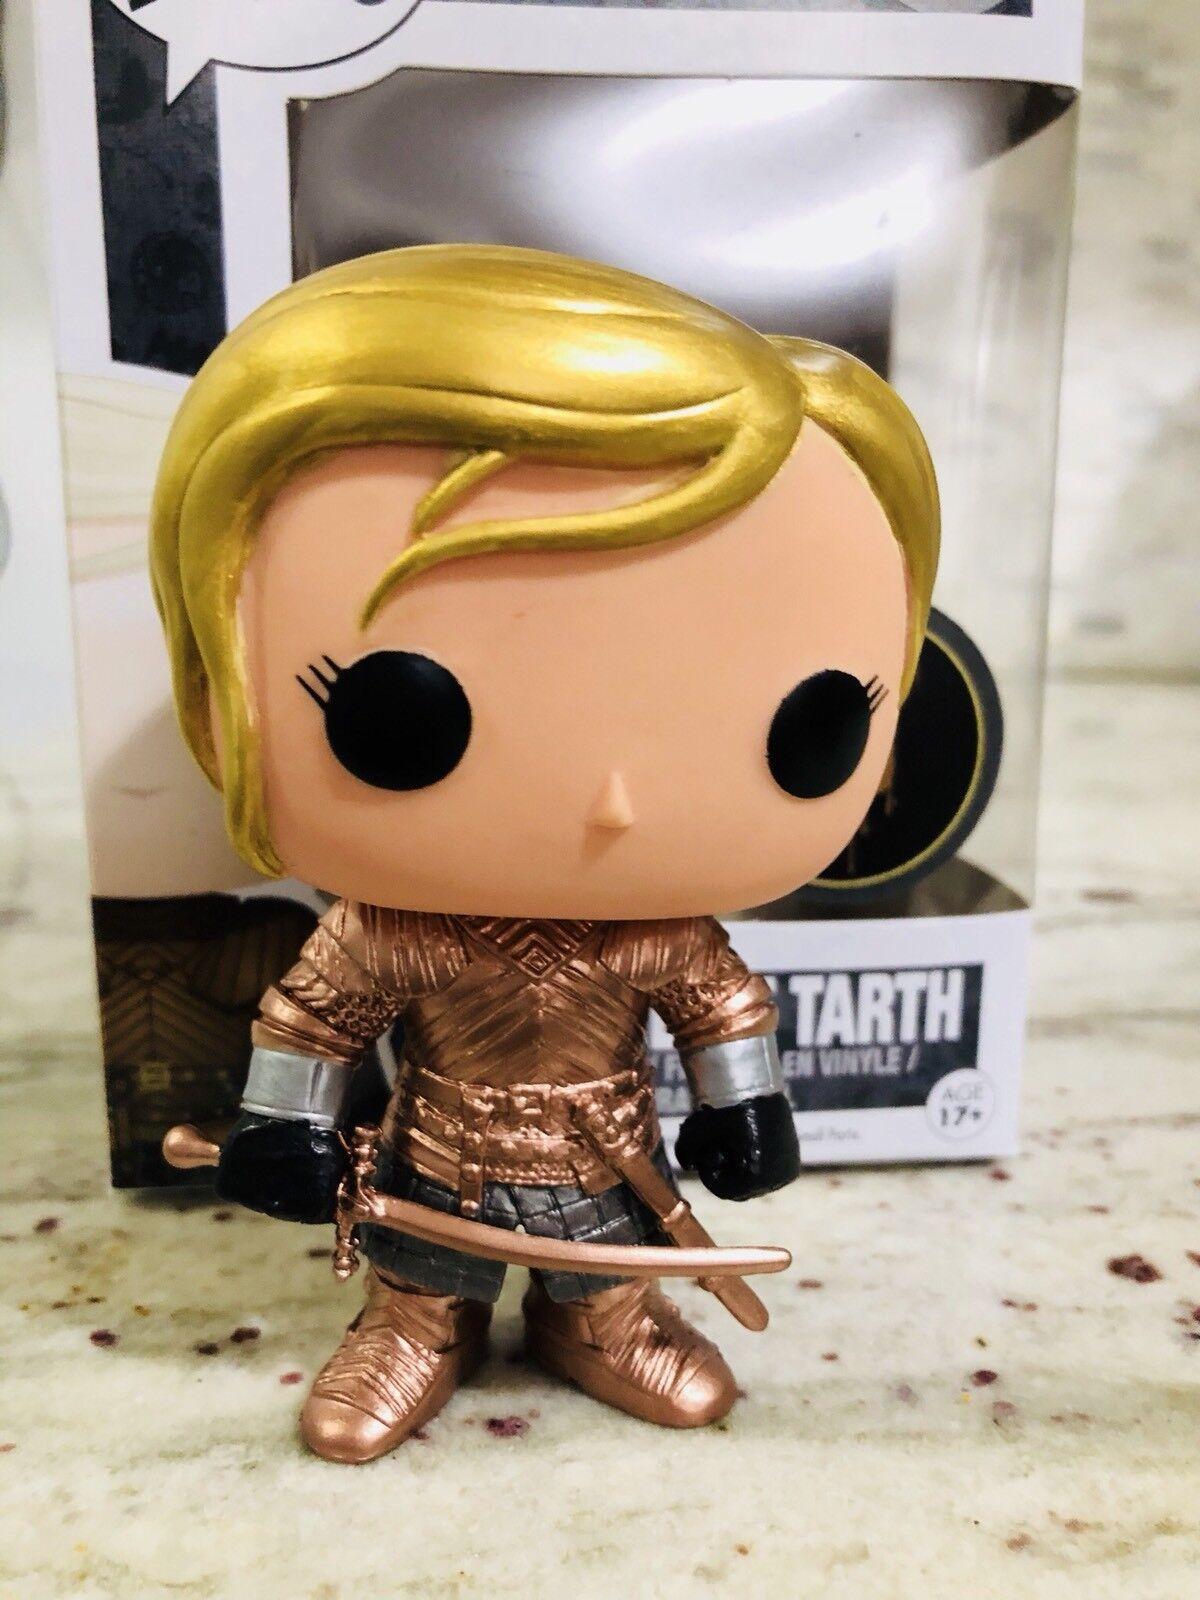 Funko Pop Game of Thrones™ Brienne of Tarth Vinyl Figure Item #4017